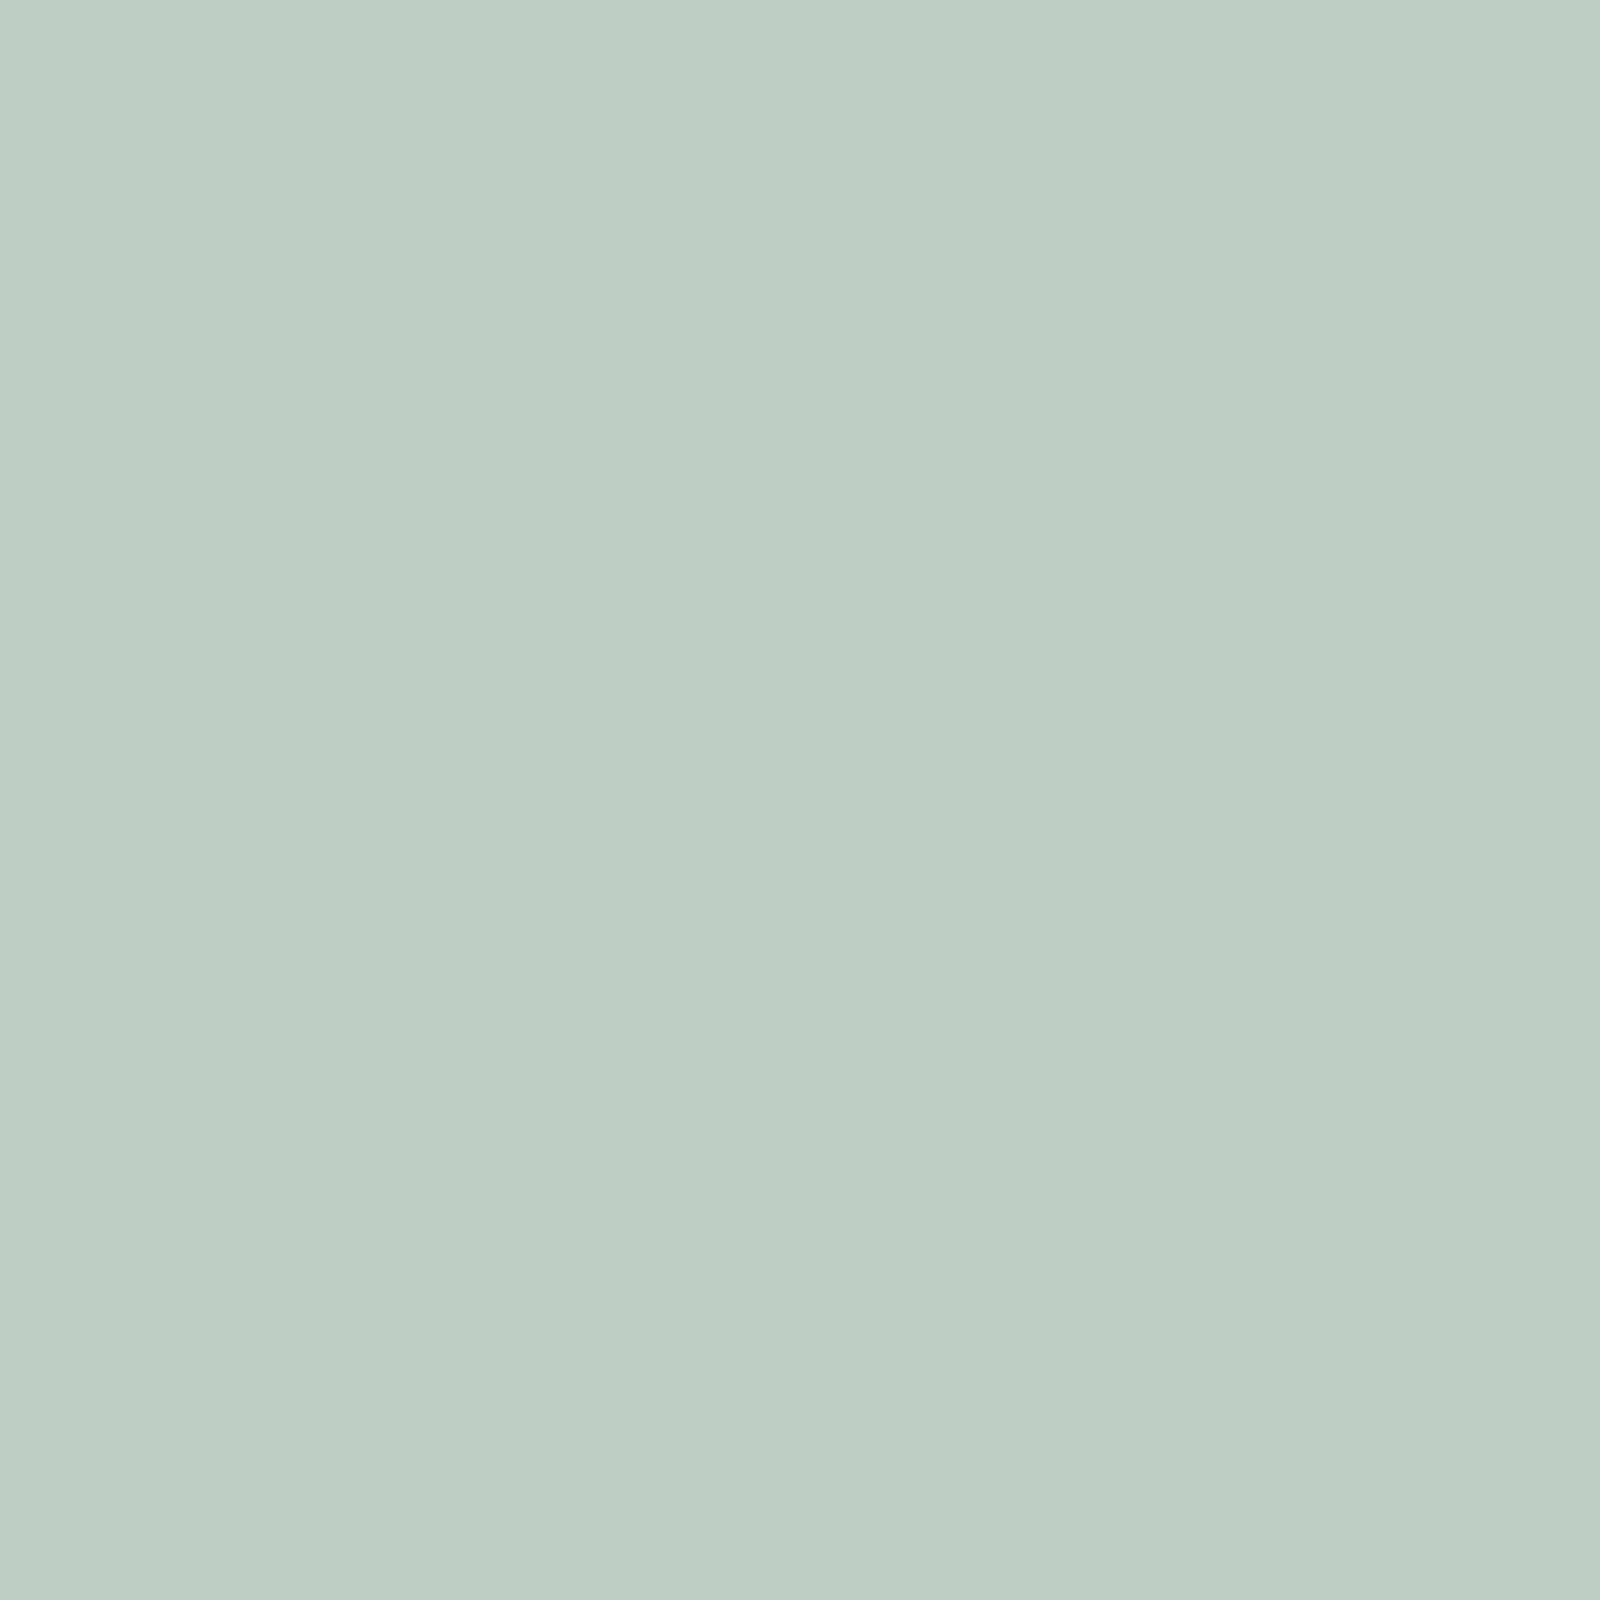 kobra verde lime